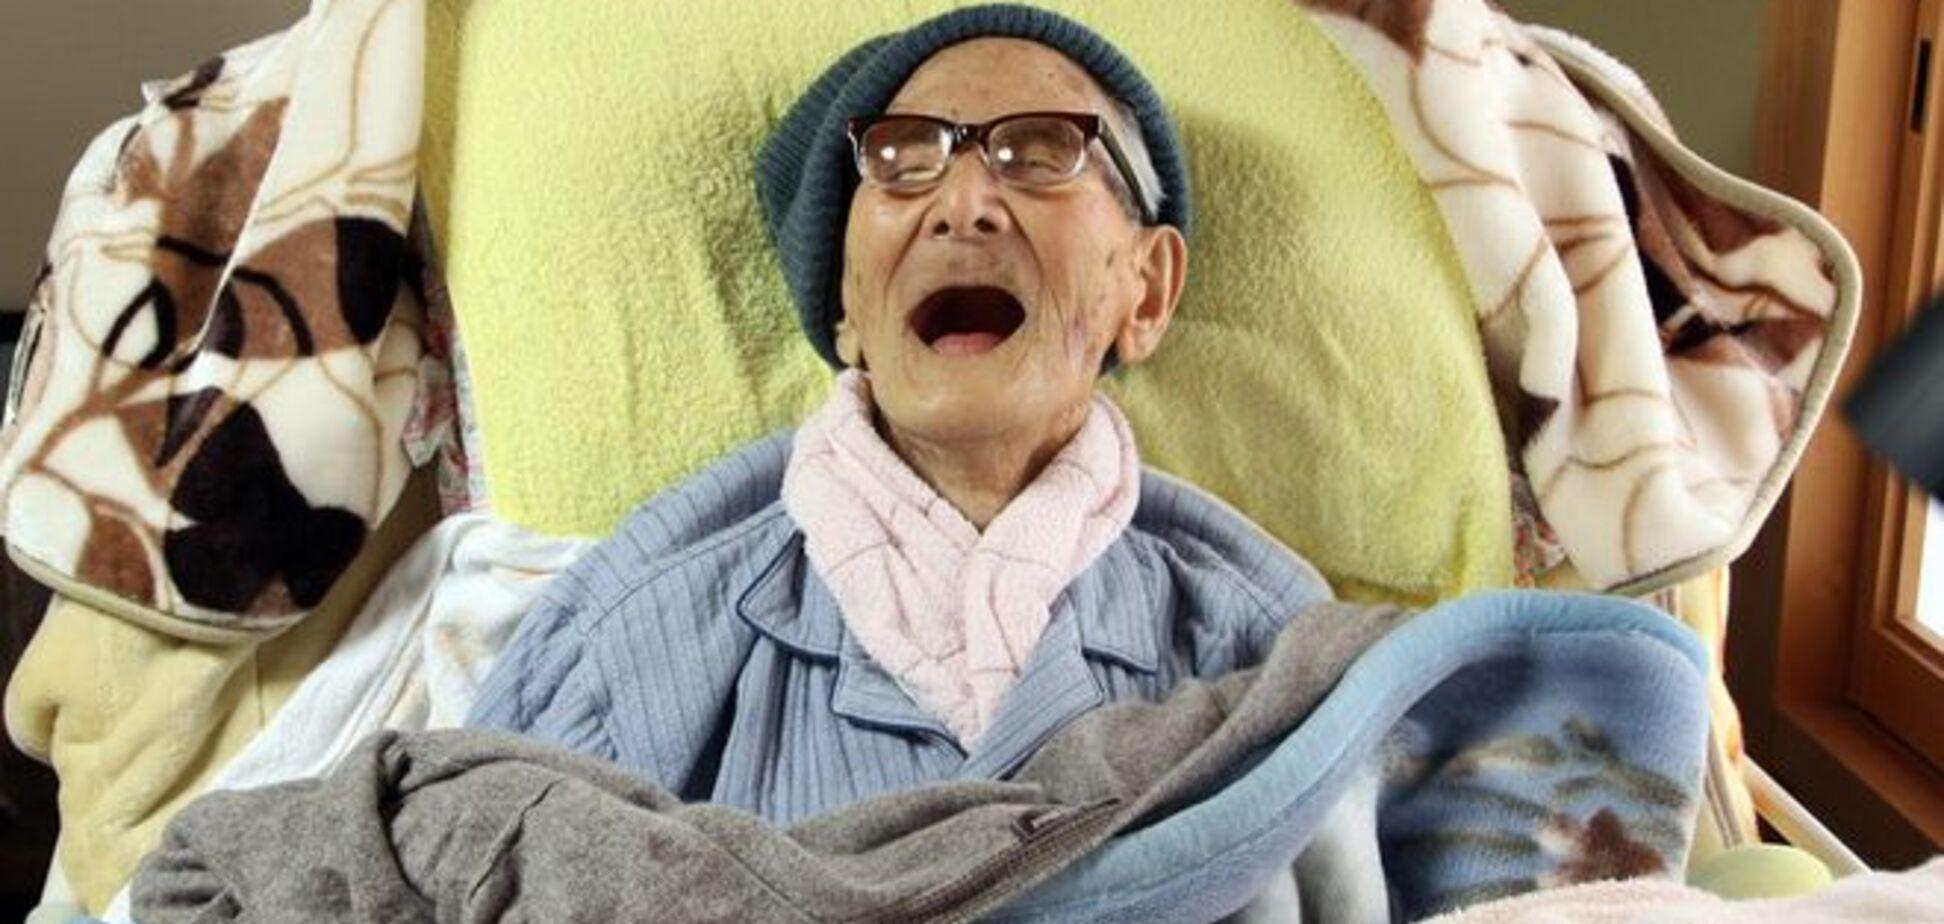 Ученые заявили, что долгая жизнь вредит человеку